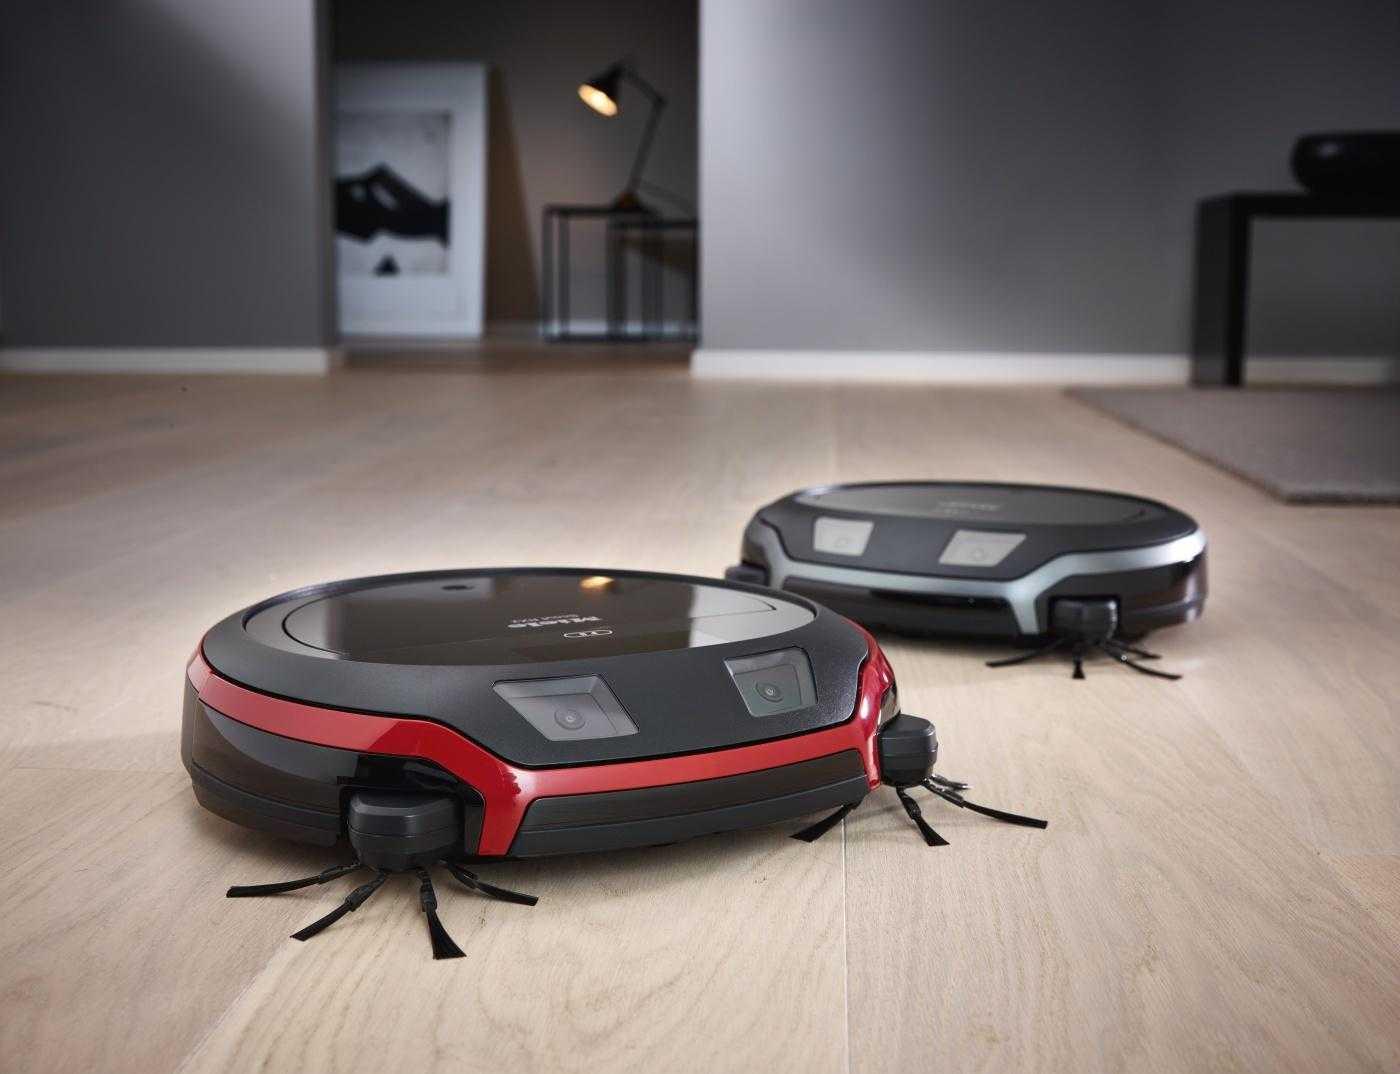 Рейтинг лучших роботов пылесосов до 20 тыс. рублей - топ-5 моделей 2020